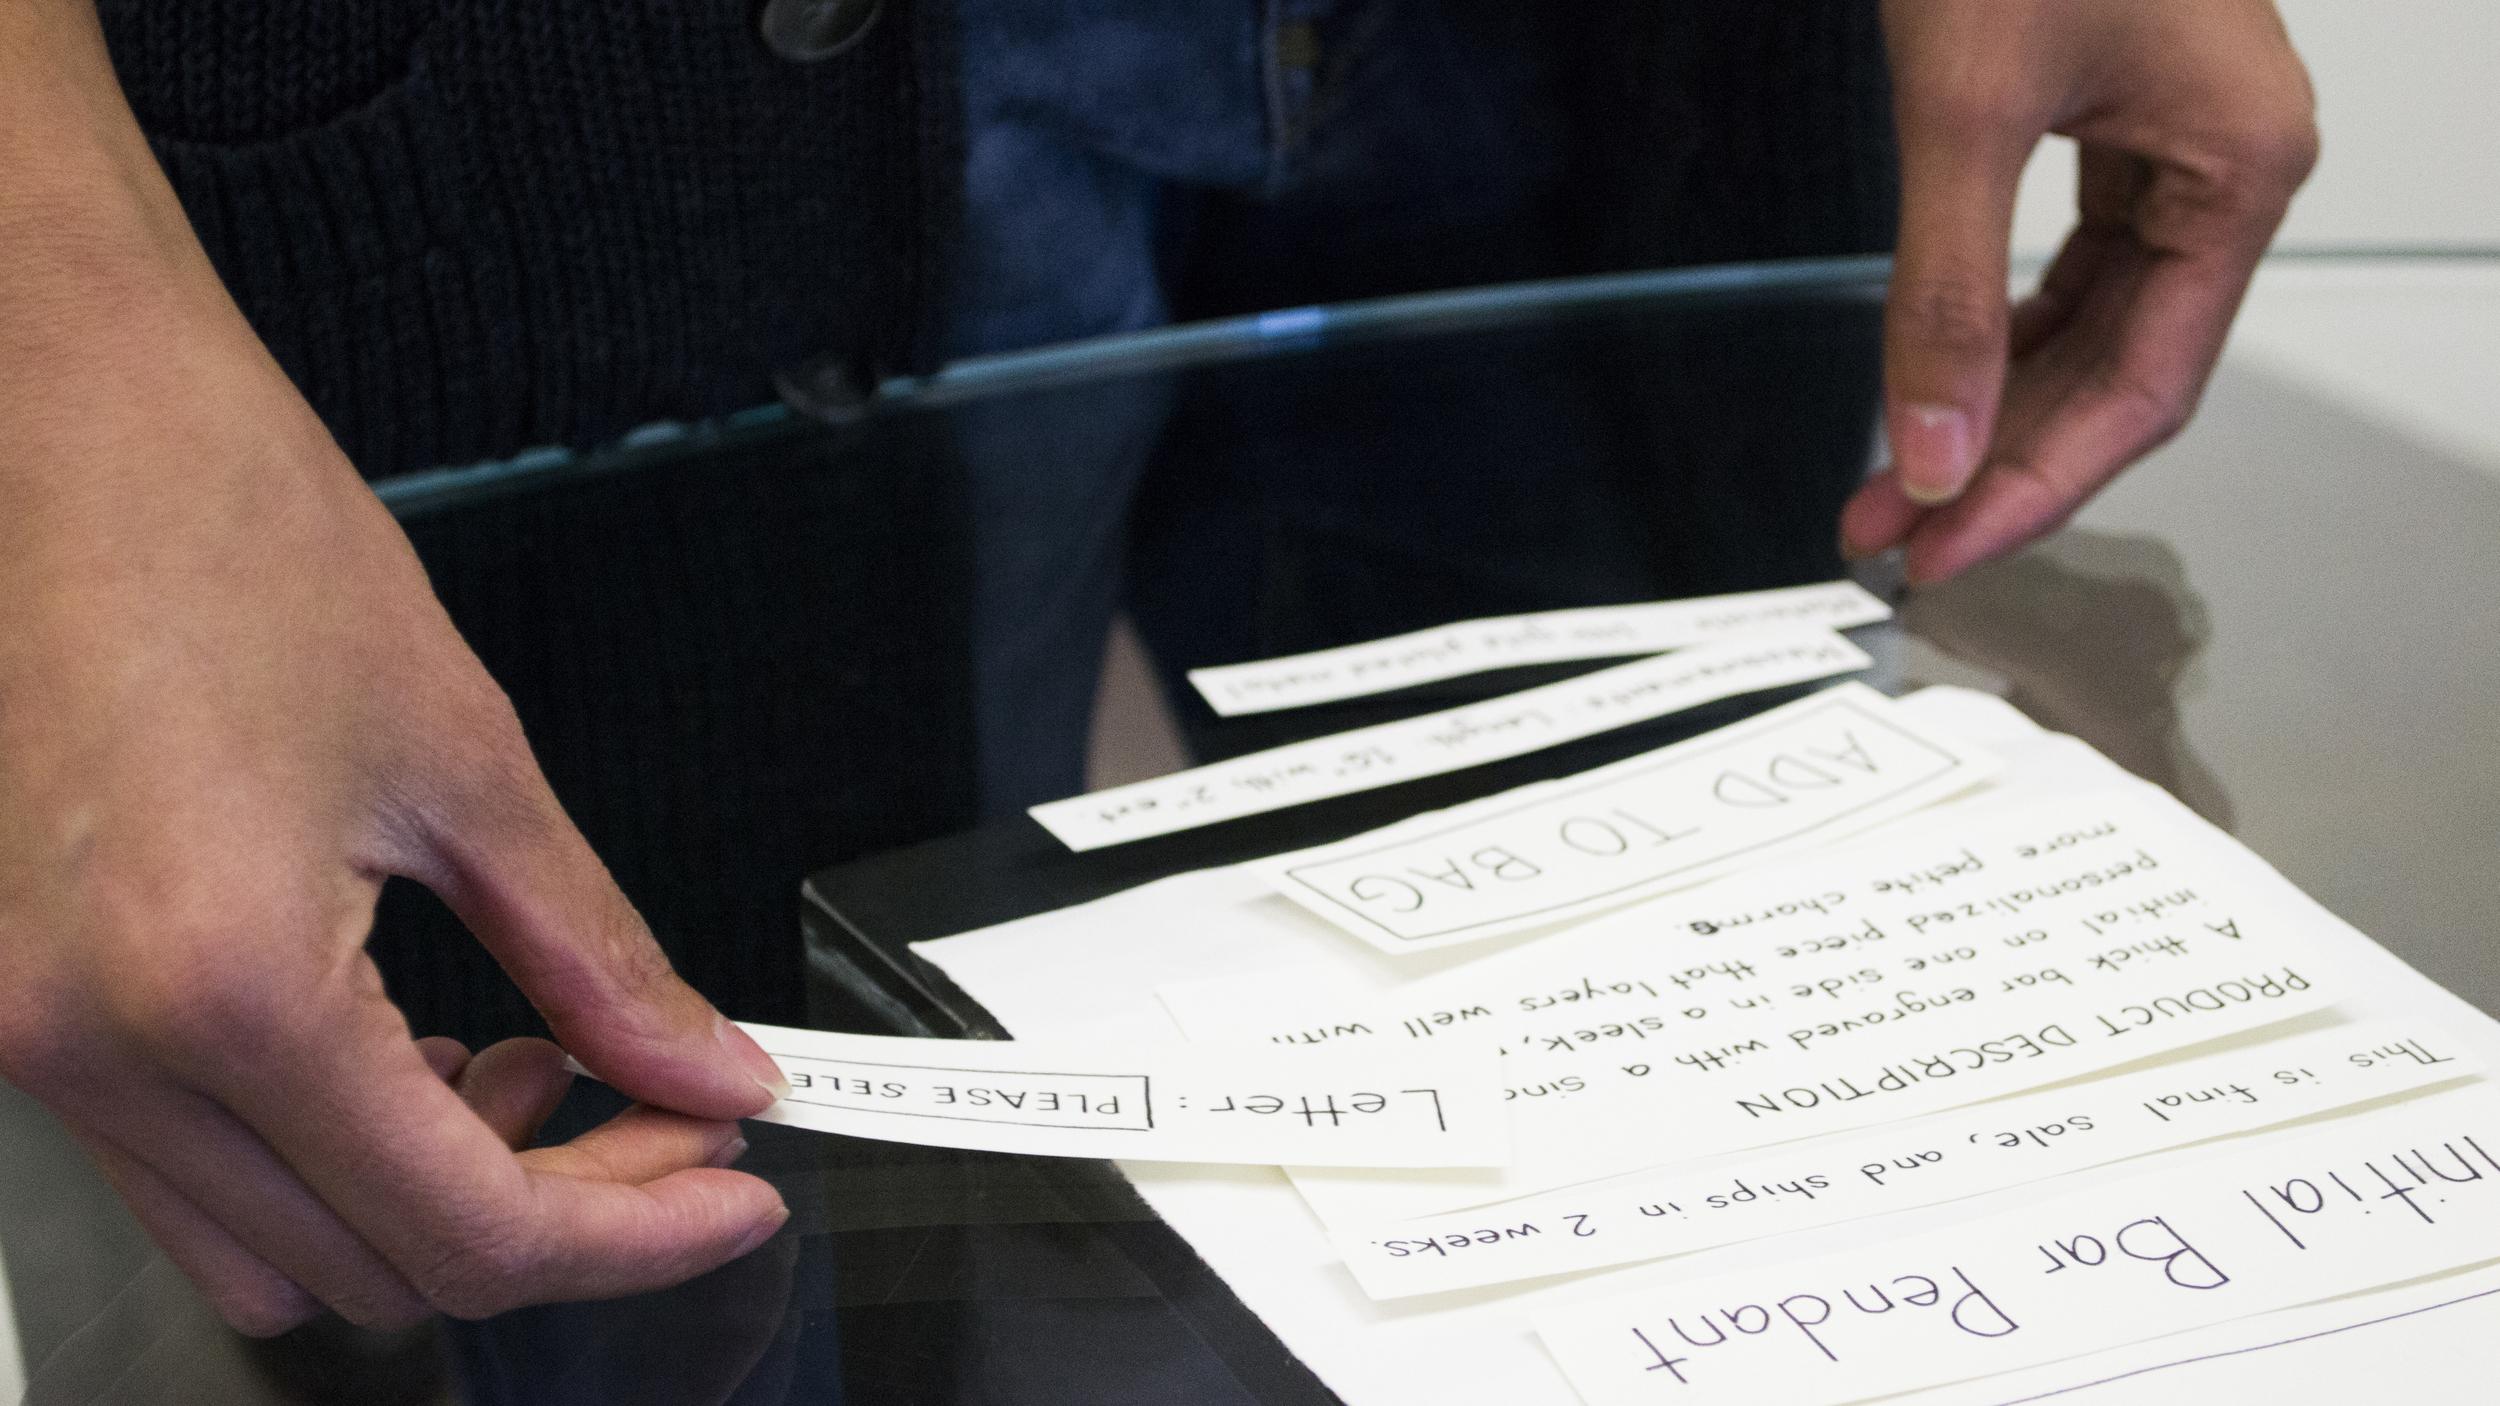 Having users paper prototype helps us understand where their priorities lie.